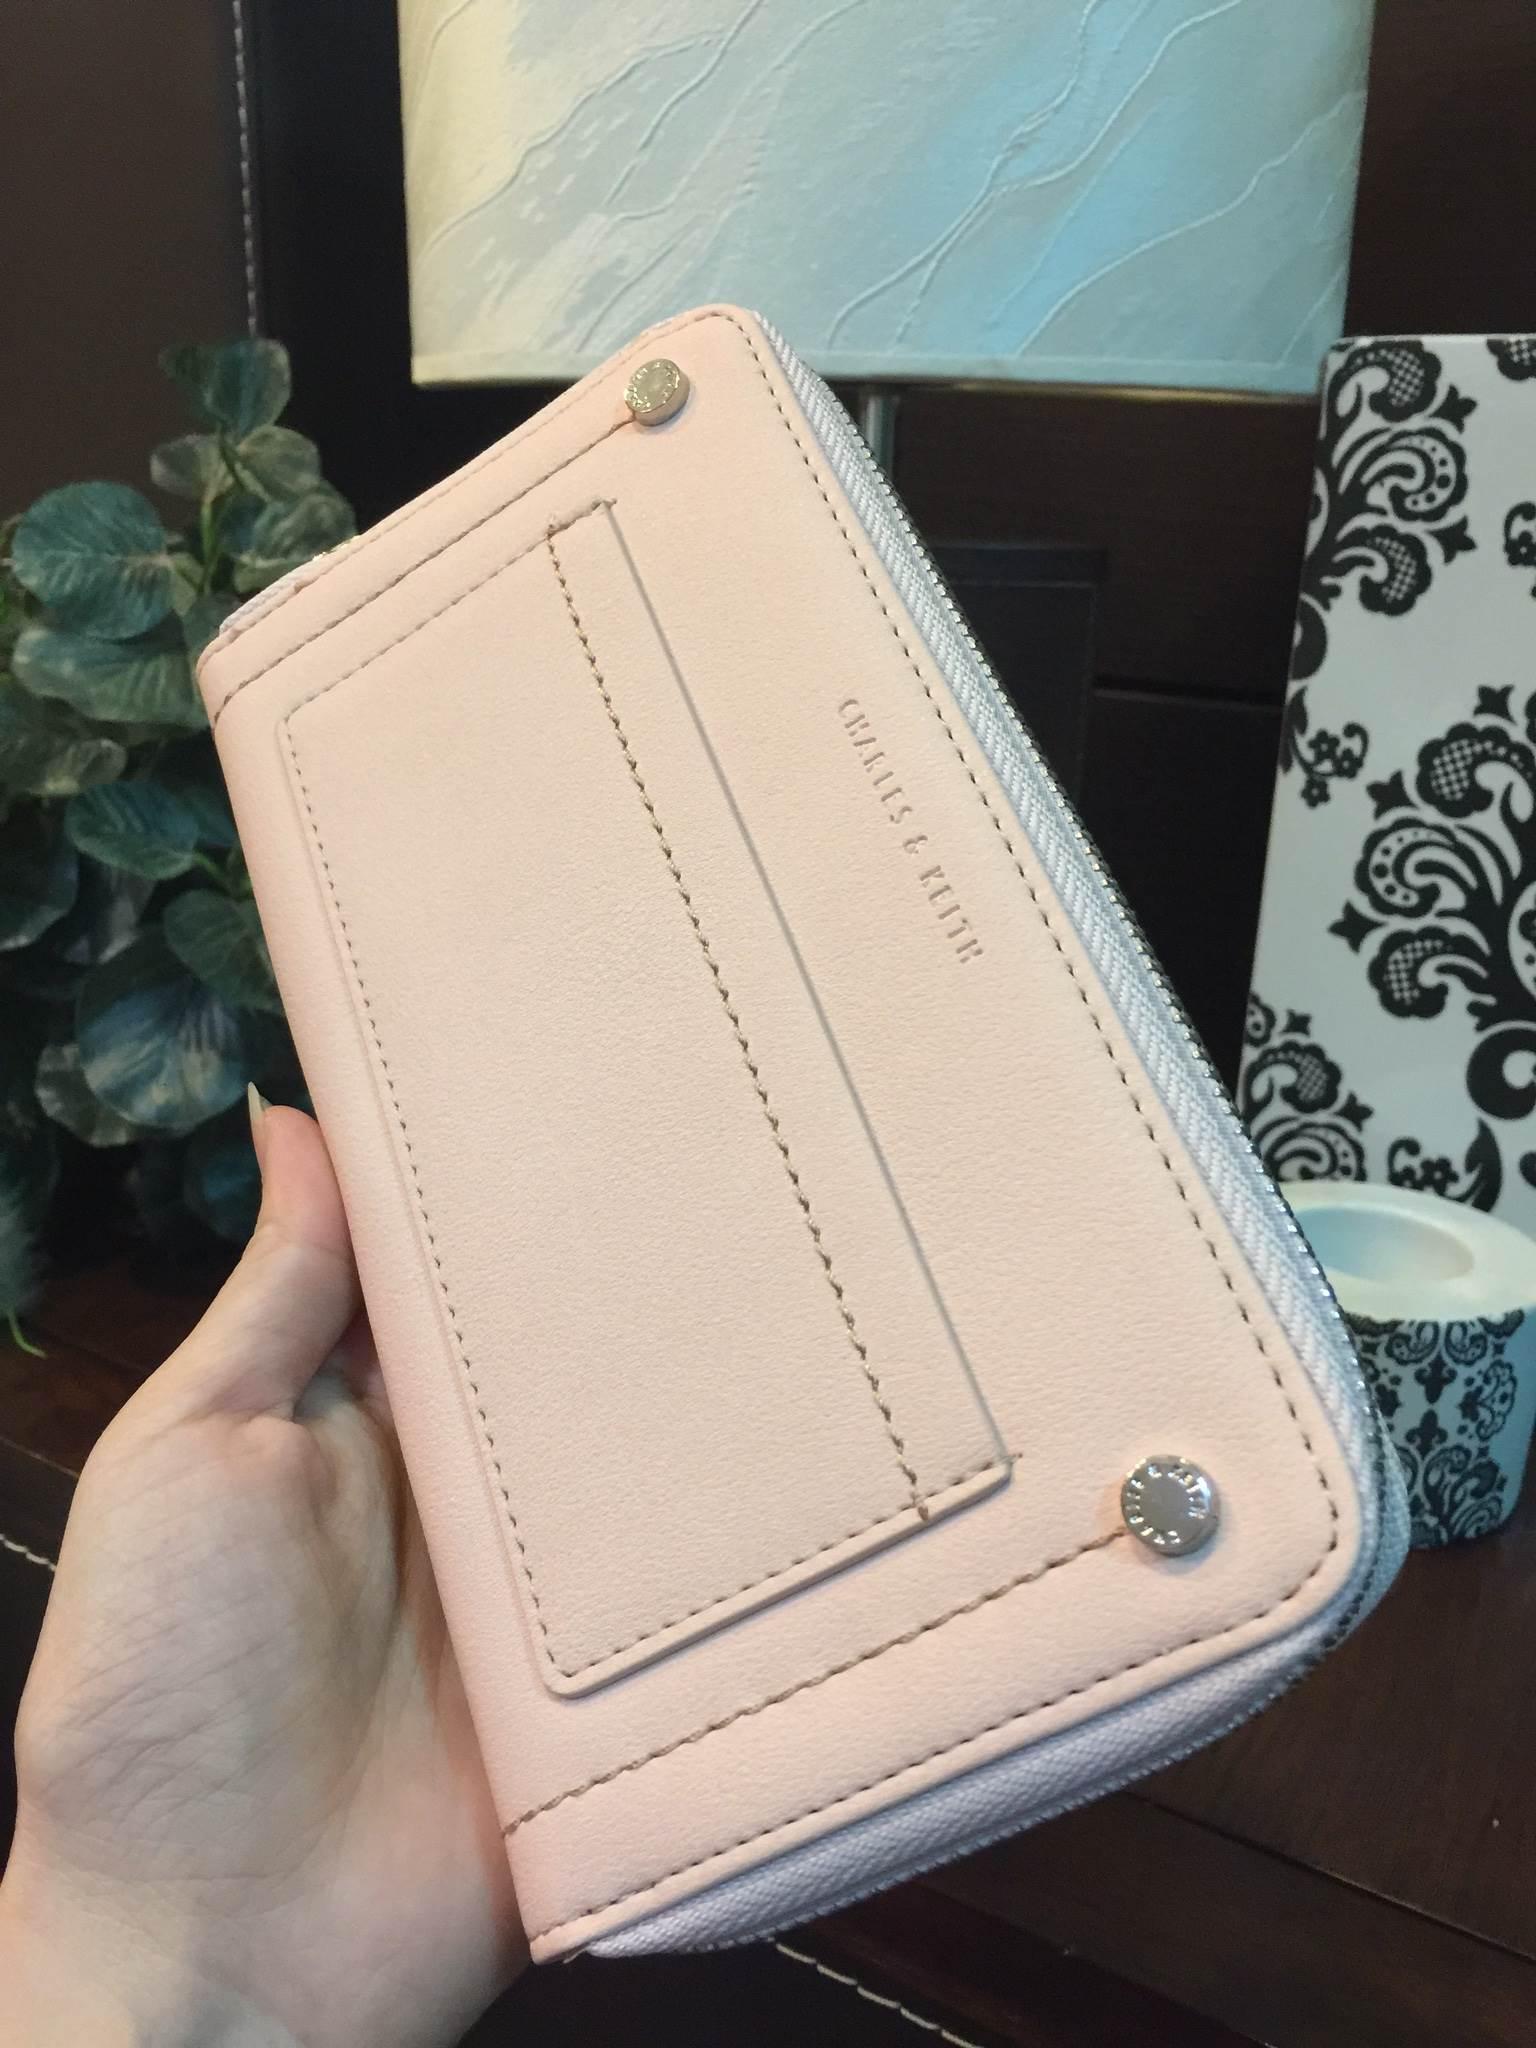 กระเป๋าสตางค์ใบยาว Charles & Keith Studded Front Pocket Wallet ชมพูอ่อน ราคา 990 บาท Free Ems